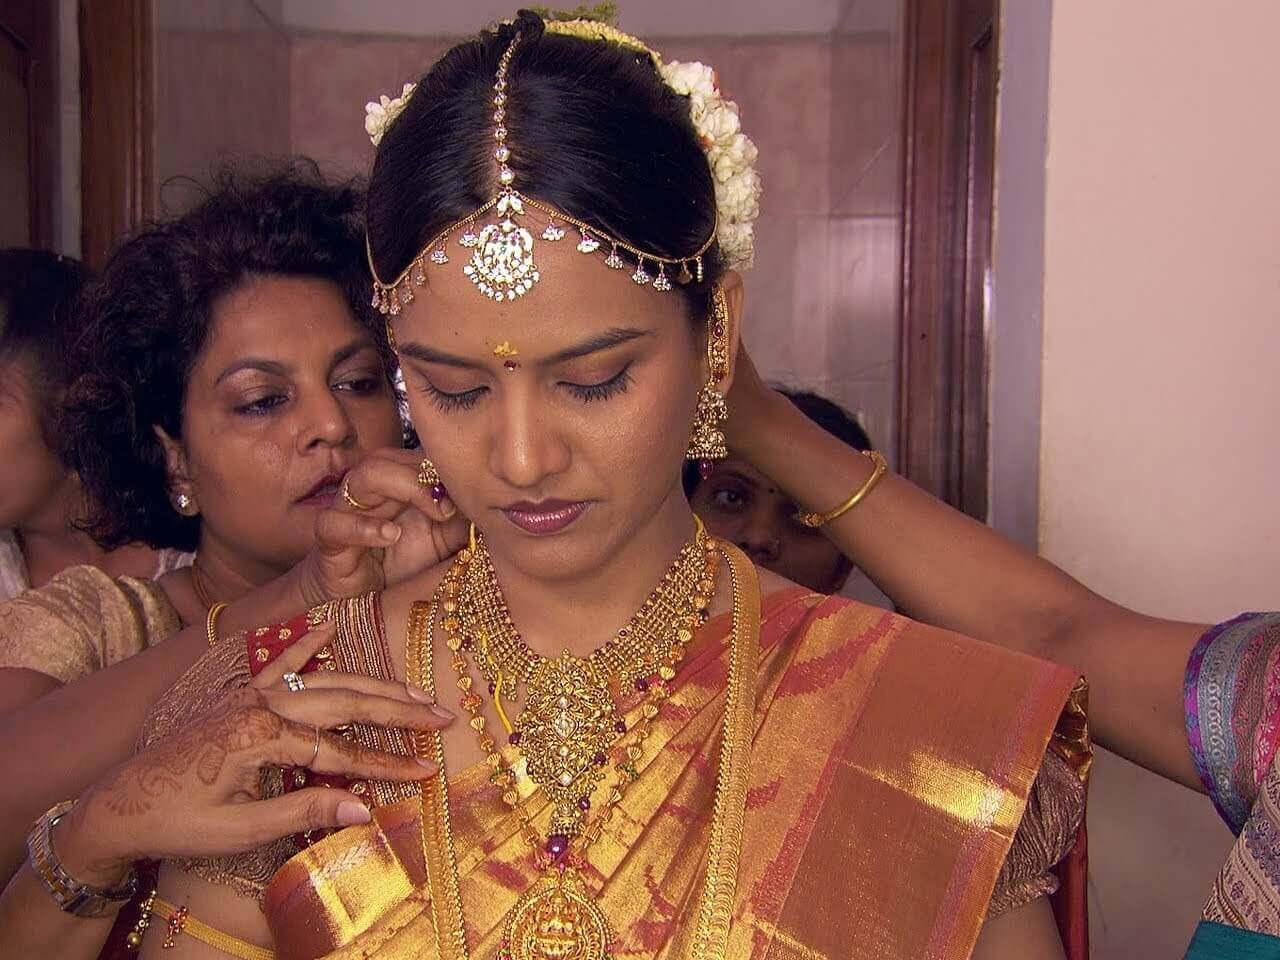 Hindistan altın ihracatını yasakladı